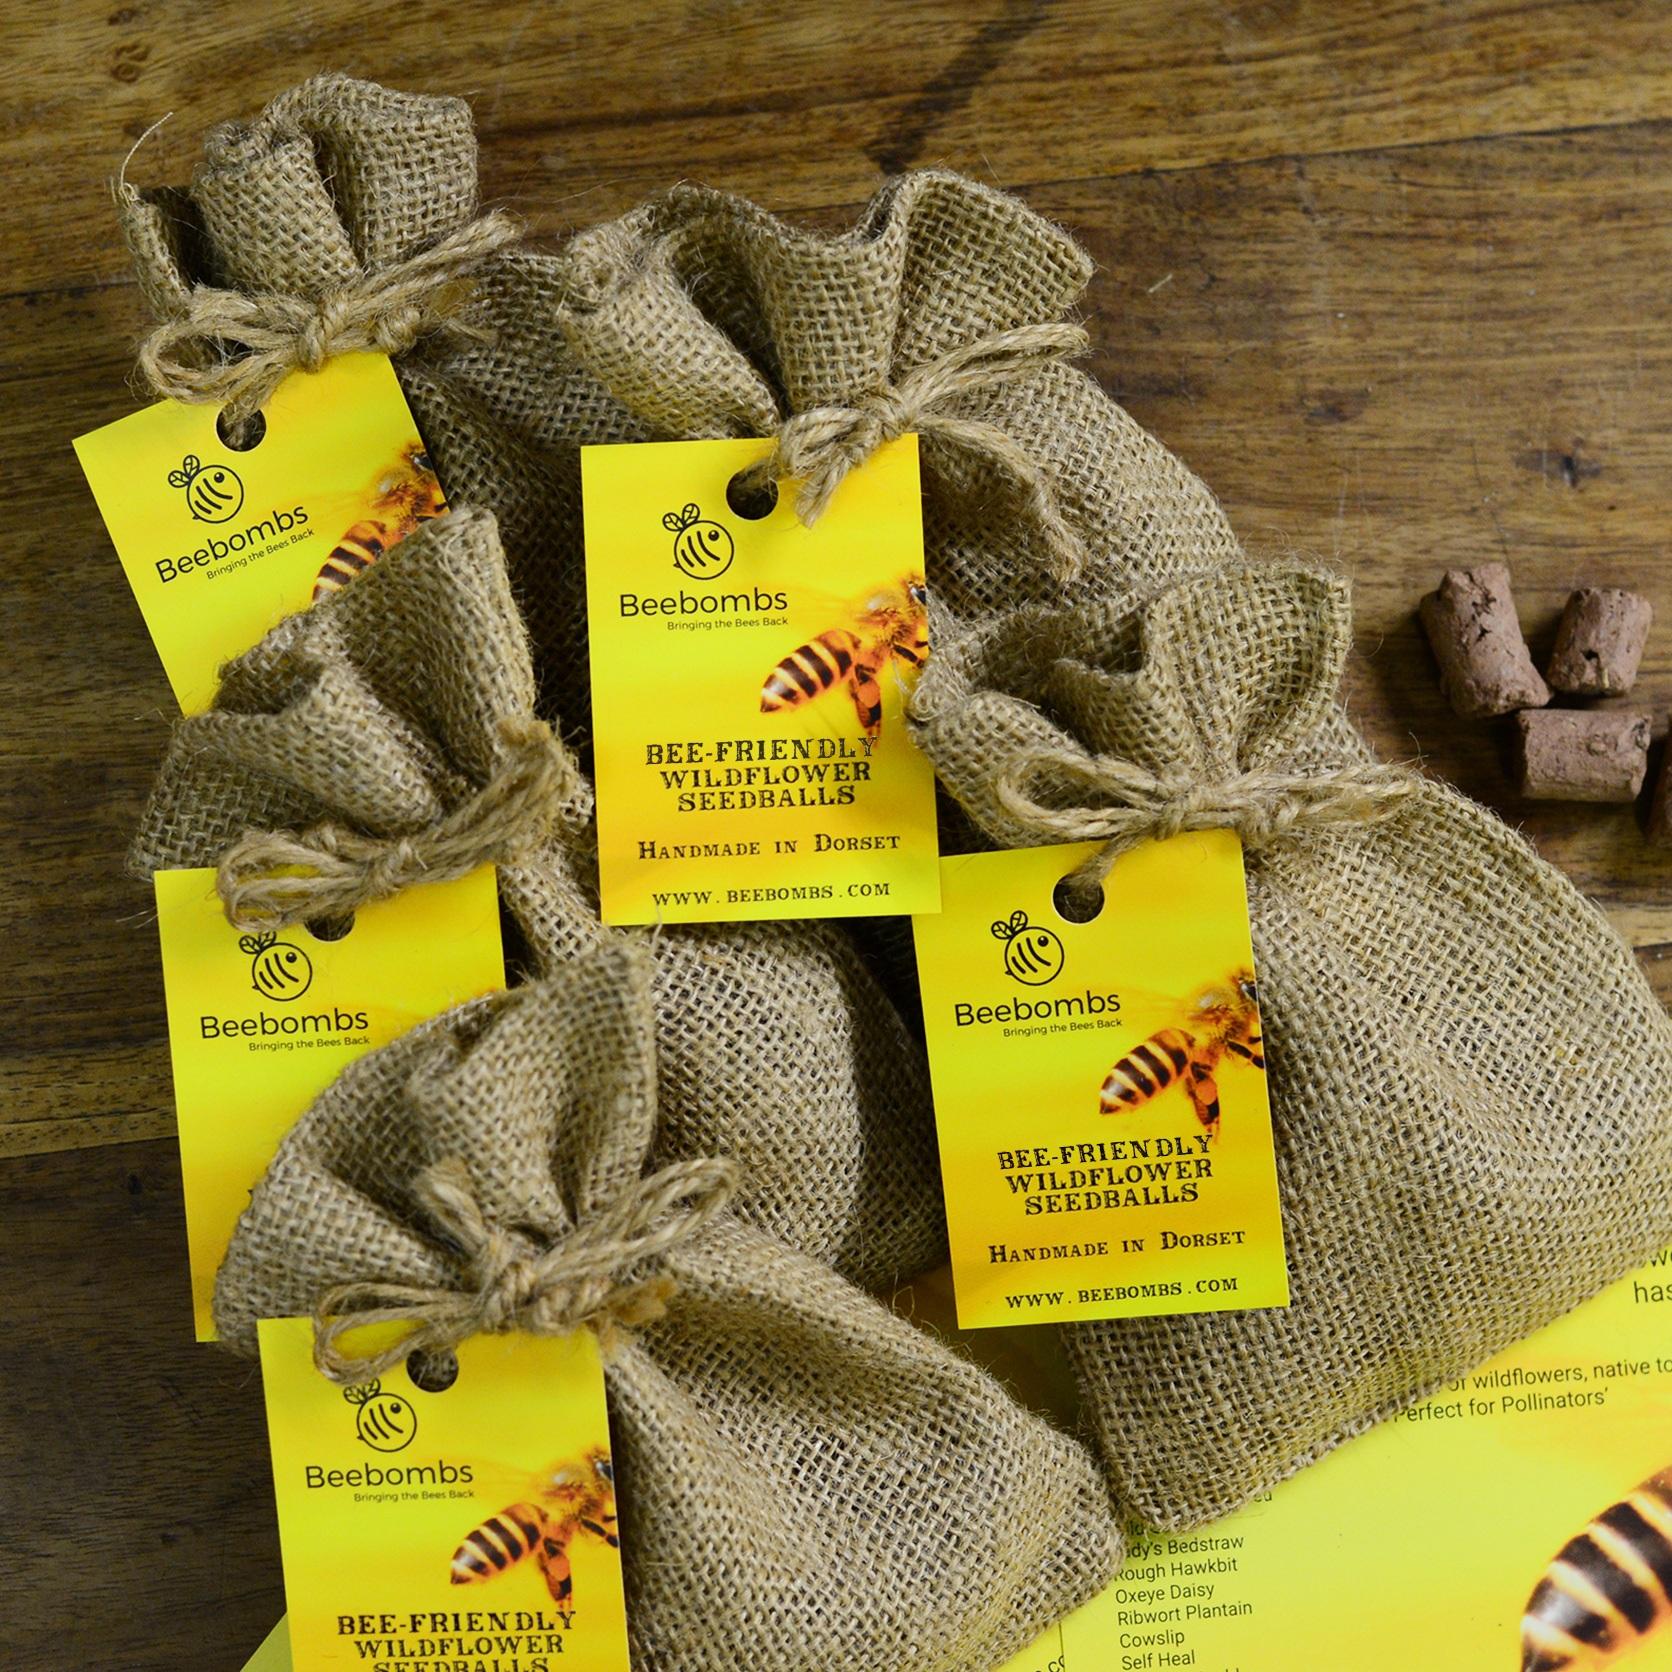 Beebombs Handmade Wildflower Habitat Seedballs #bringthebeesback 1